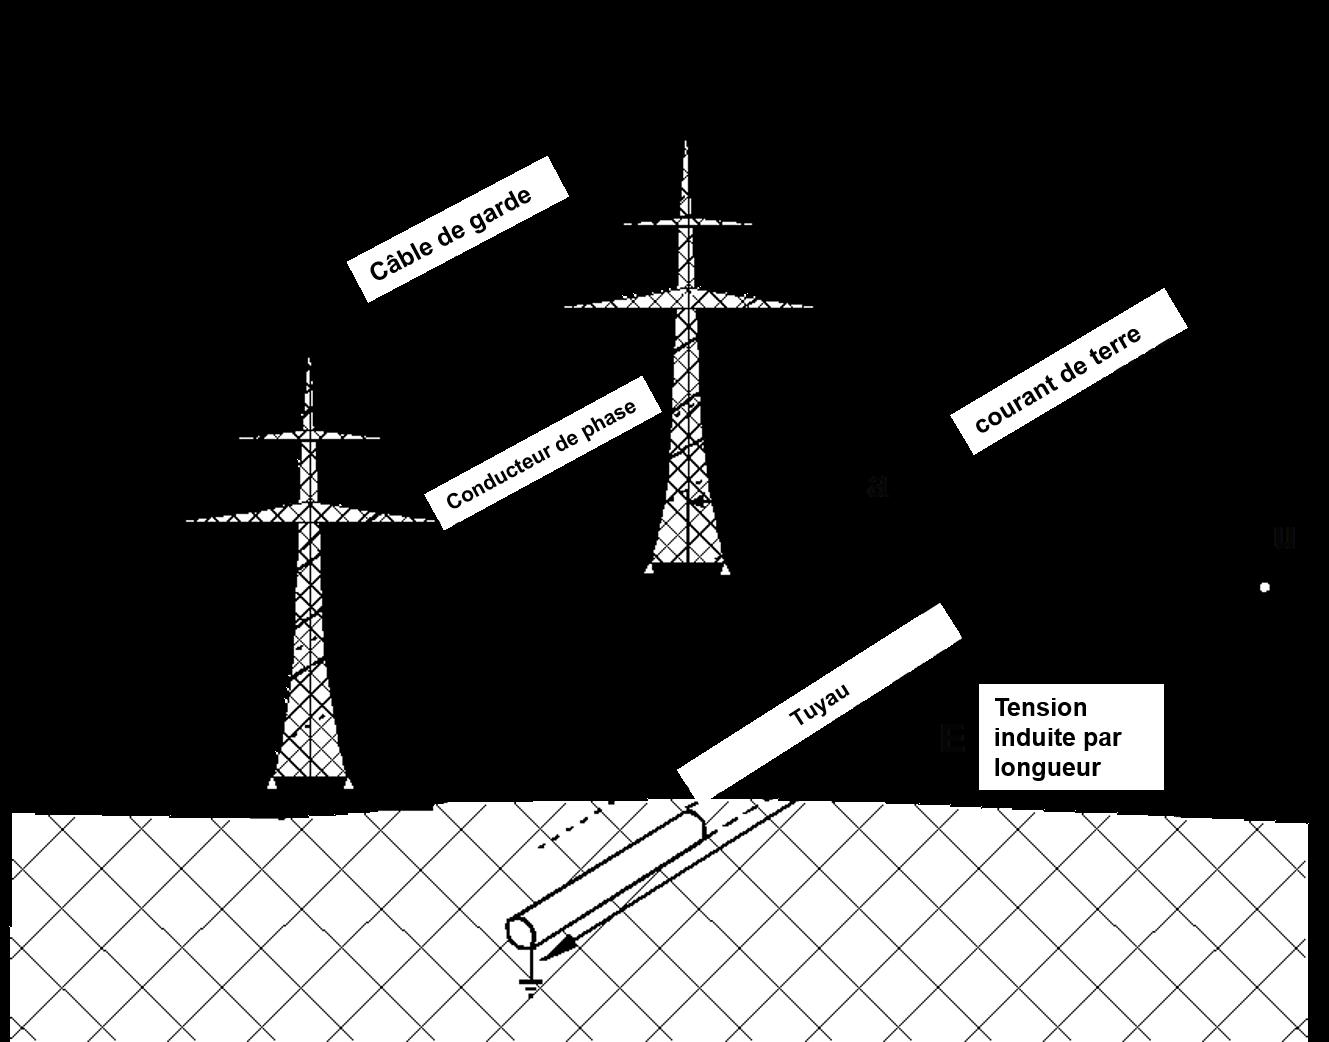 Illustration schématique d'une situation présentant des impacts